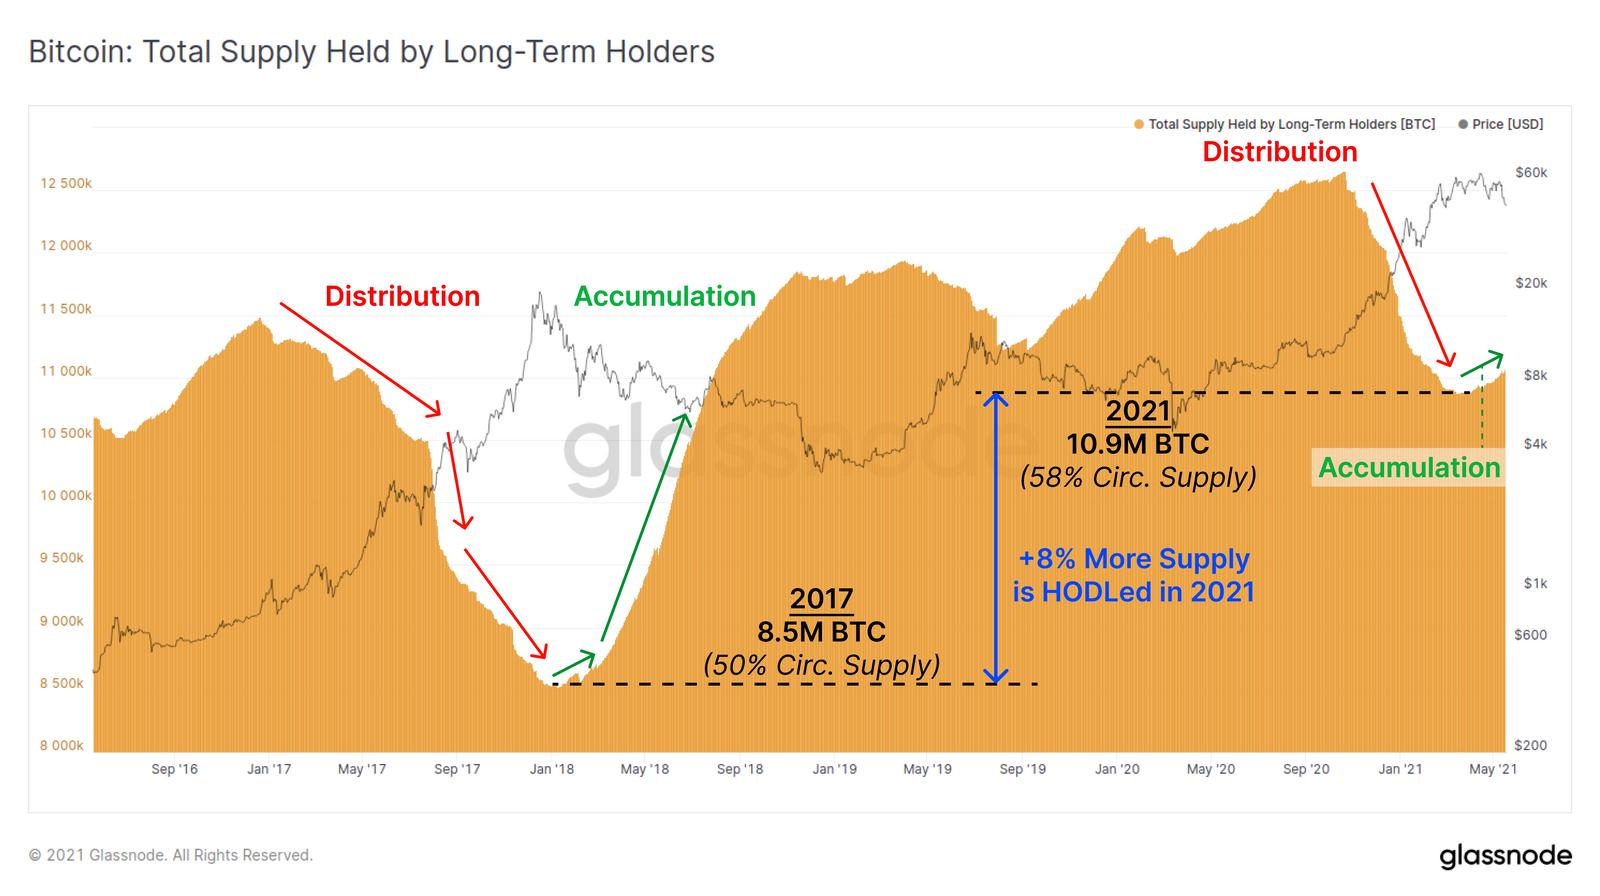 Biểu đồ trực tiếp về nguồn cung Bitcoin của người sở hữu dài hạn